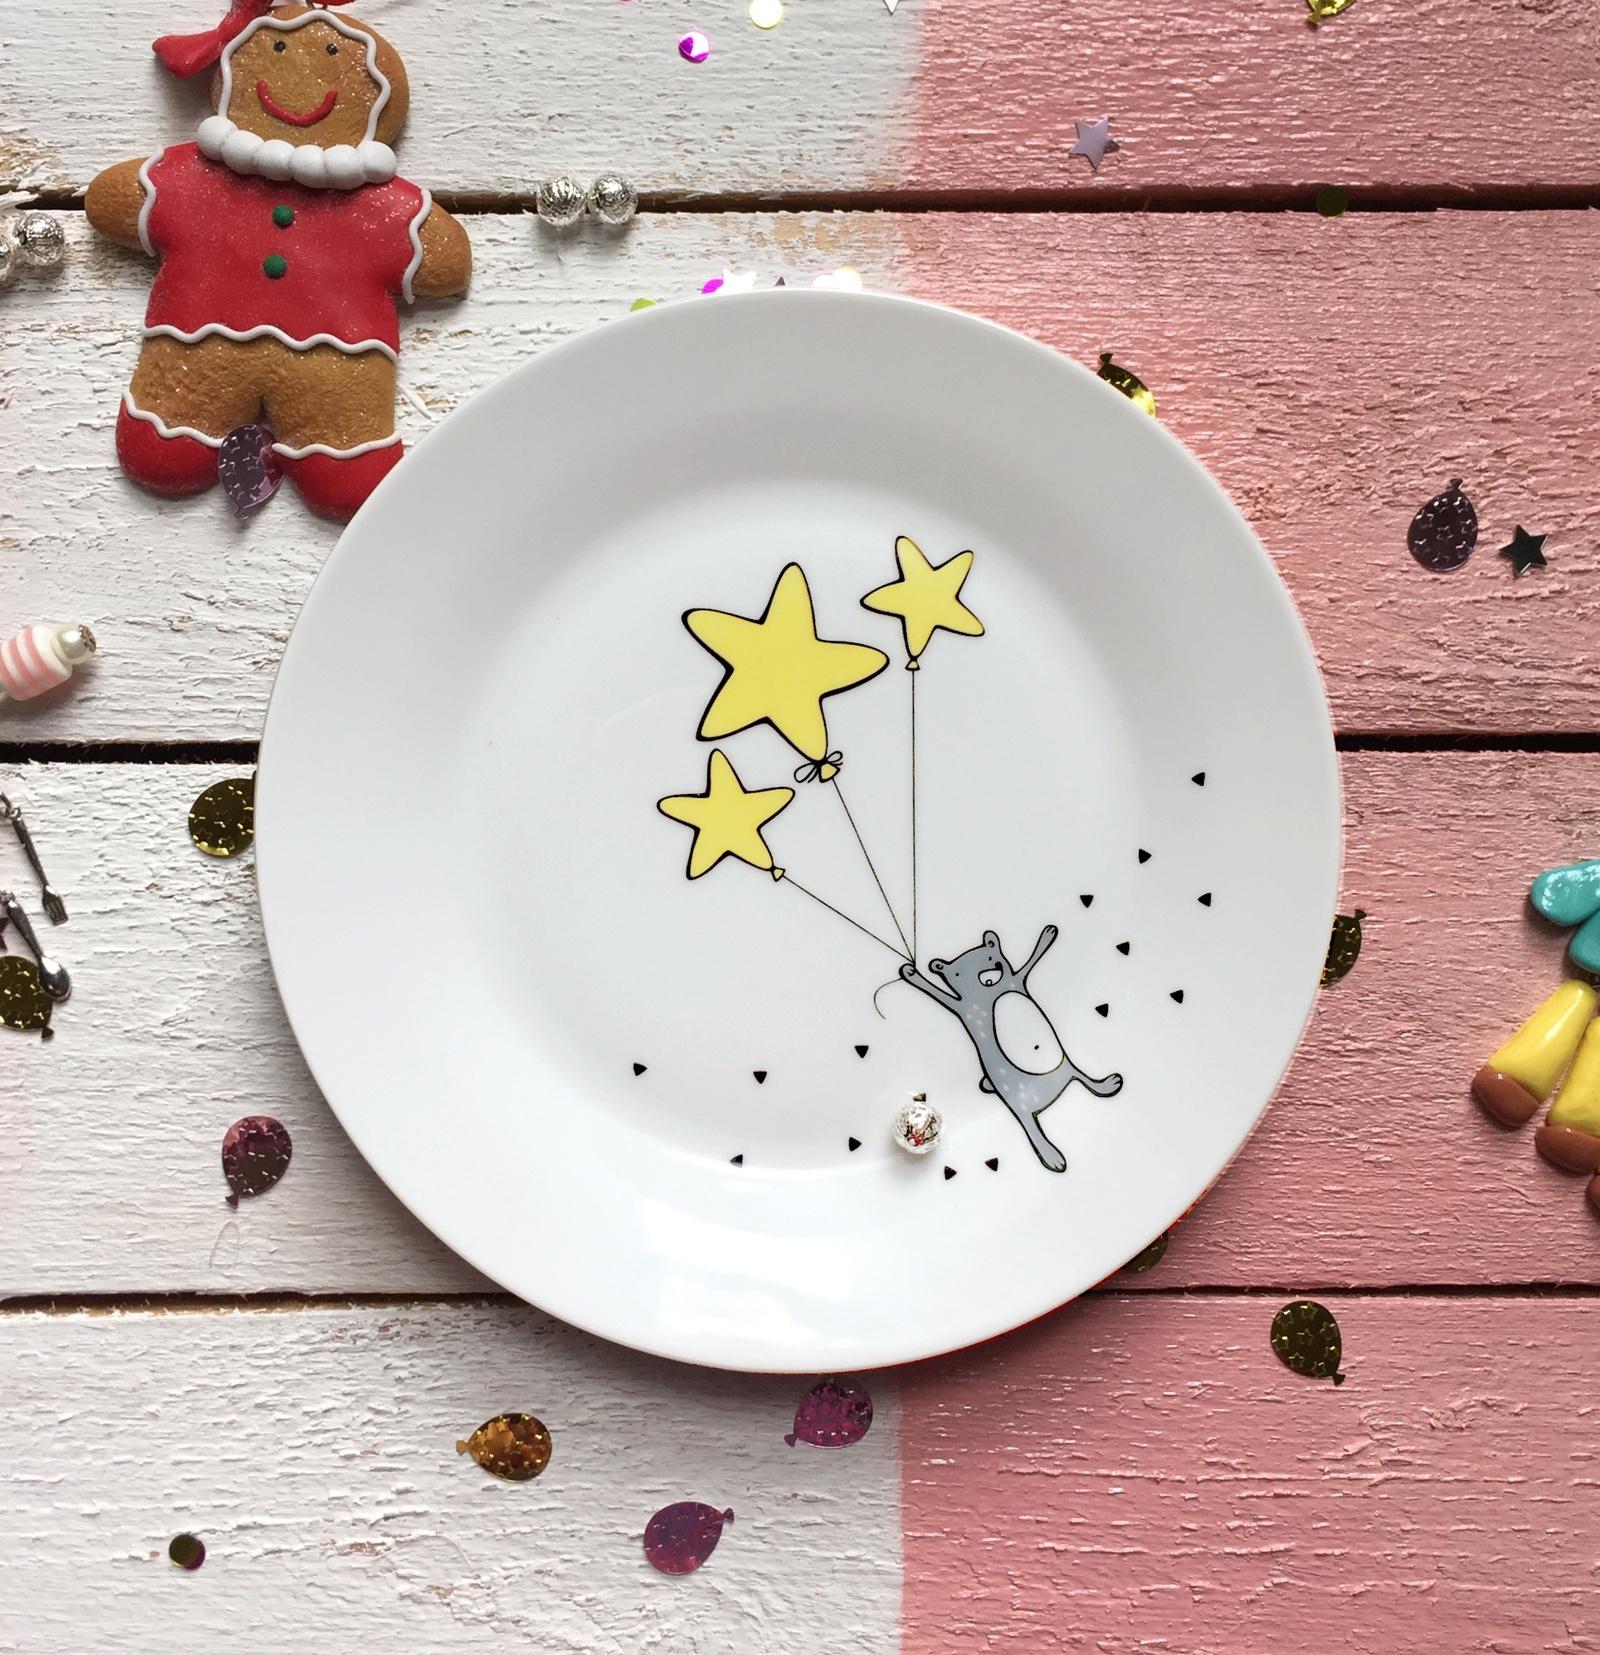 Тарелка Сотвори Чудо Звёздный мишка 20 см, белый тарелка мелкая сотвори чудо розовый фламинго диаметр 20 см